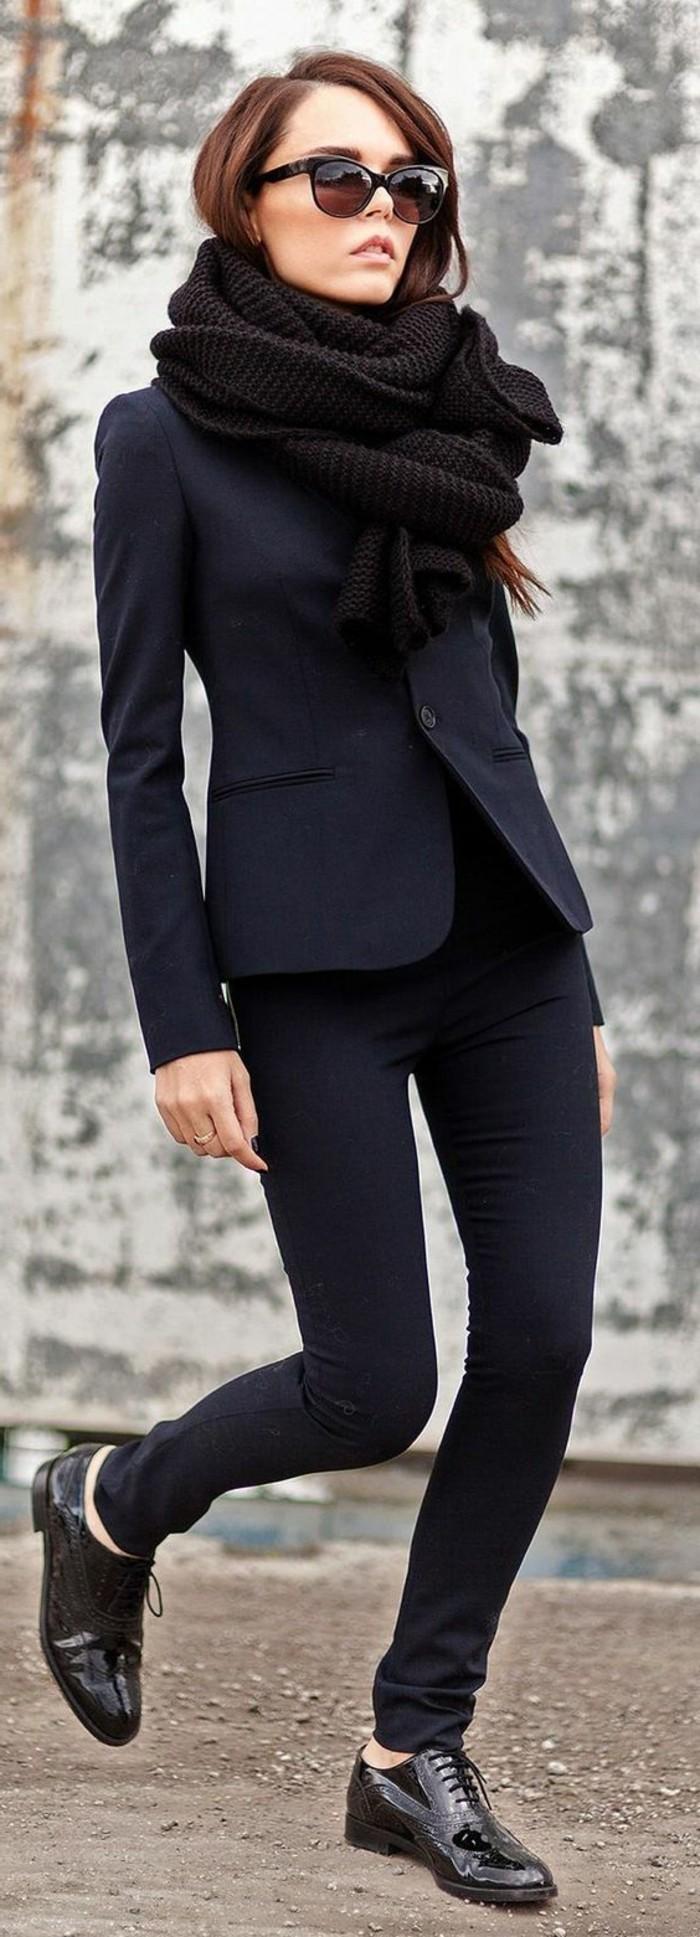 femme-elegante-autfit-noir-filles-modernes-derbies-femme-pas-cher-noires-lunettes-du-soleil